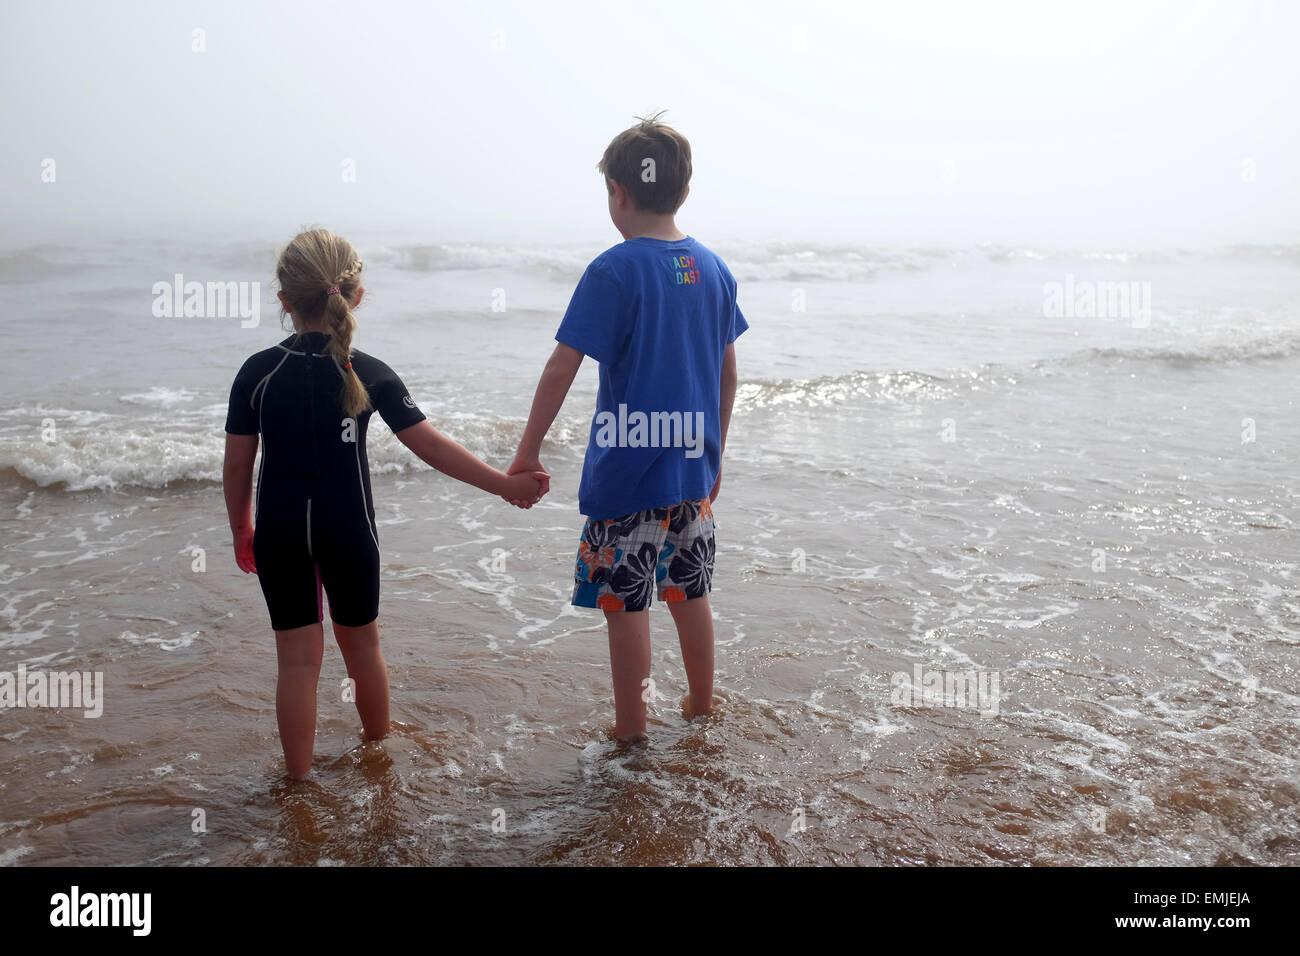 Un chico y una chica cogidos de la mano mire hacia el mar en un día brumoso Imagen De Stock